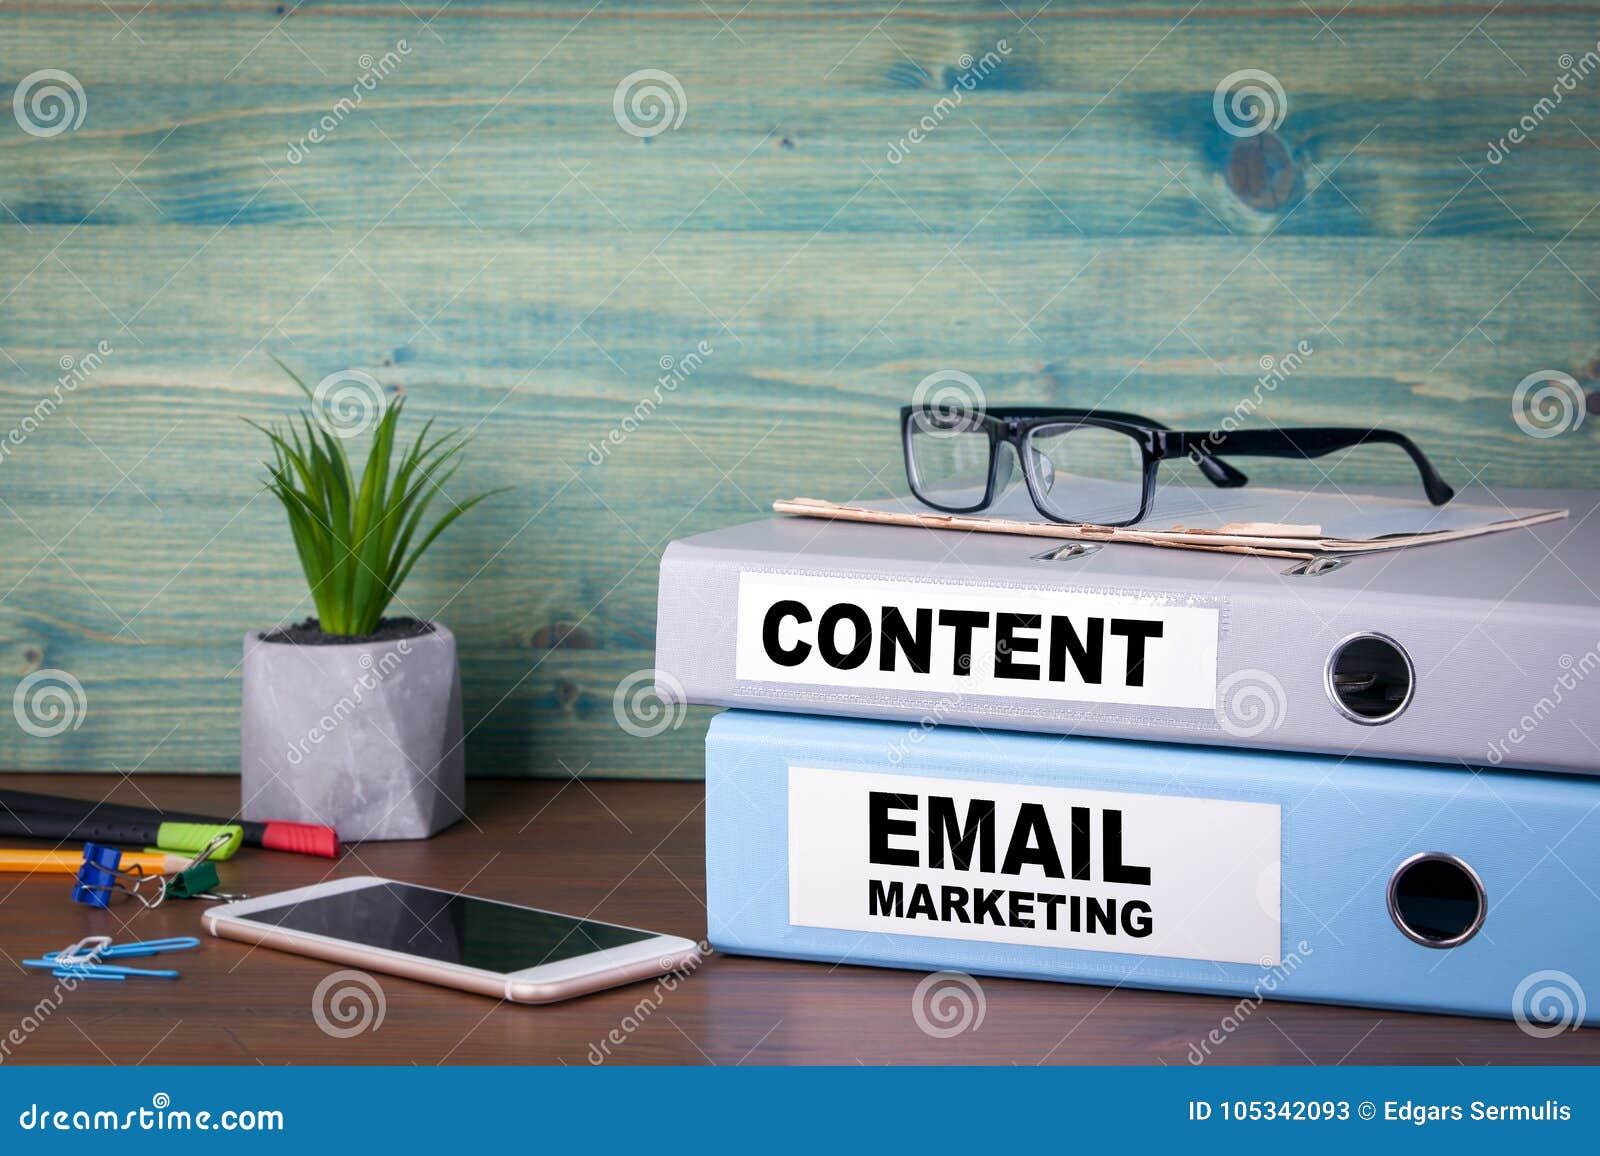 Emailmarknadsföring och innehåll Lyckad affär, advertizing och information om samkvämnätverkande